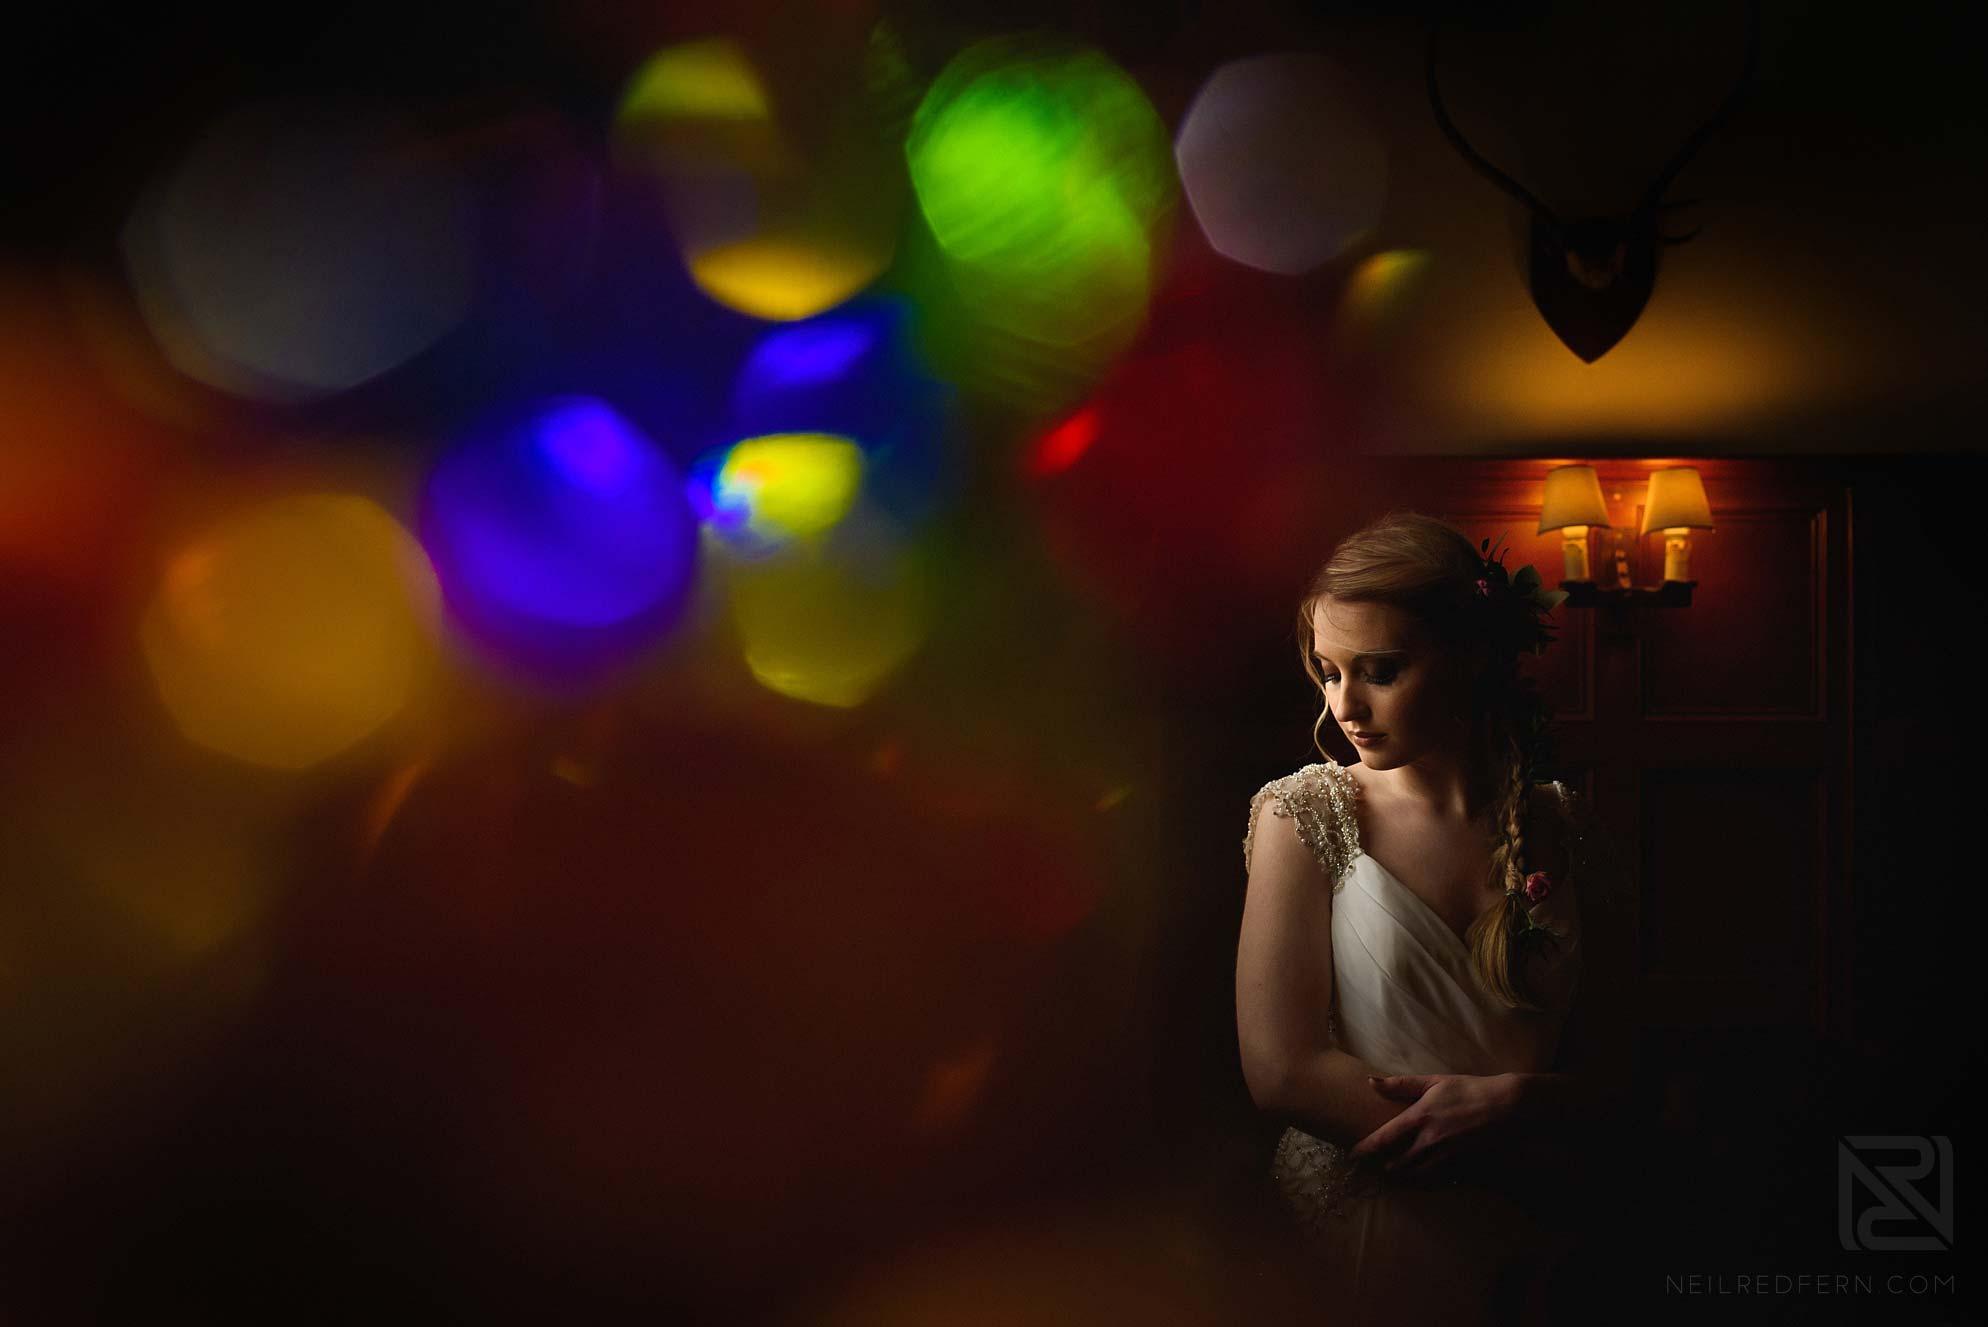 wedding-photography-workshop-lancashire-10